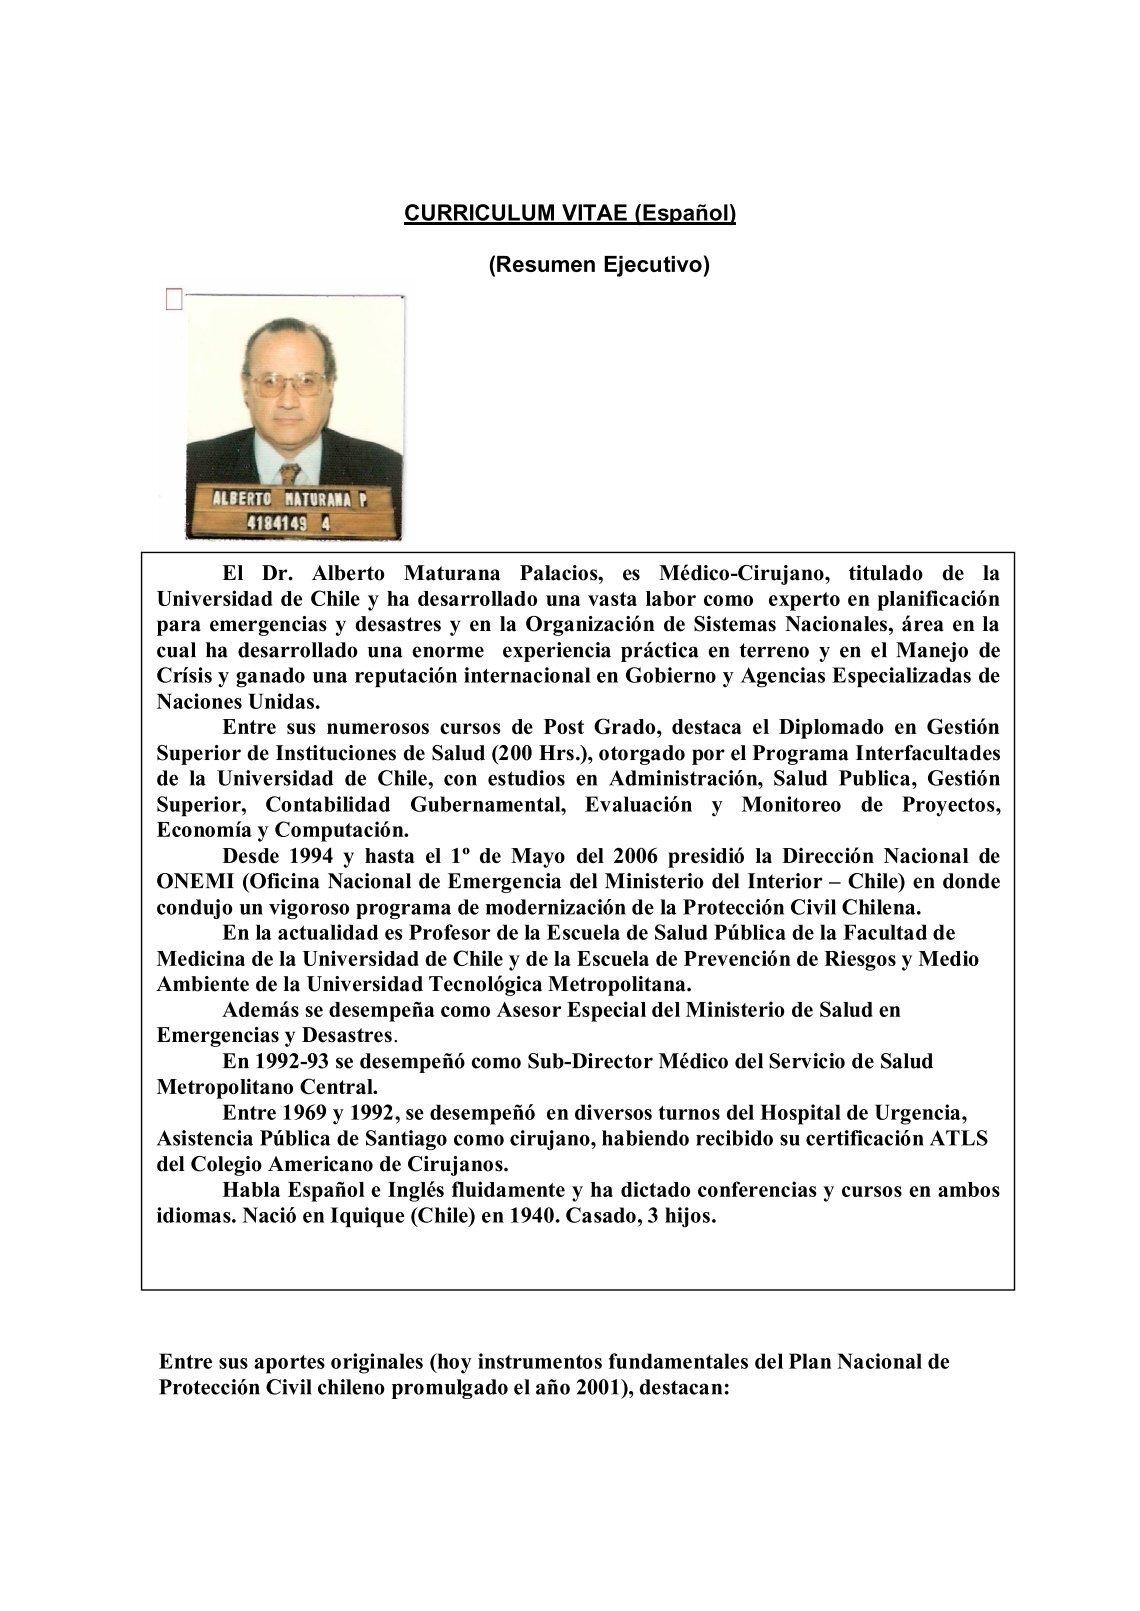 Vistoso Resumen Ejecutivo En Un Currículum Motivo - Ejemplo De ...